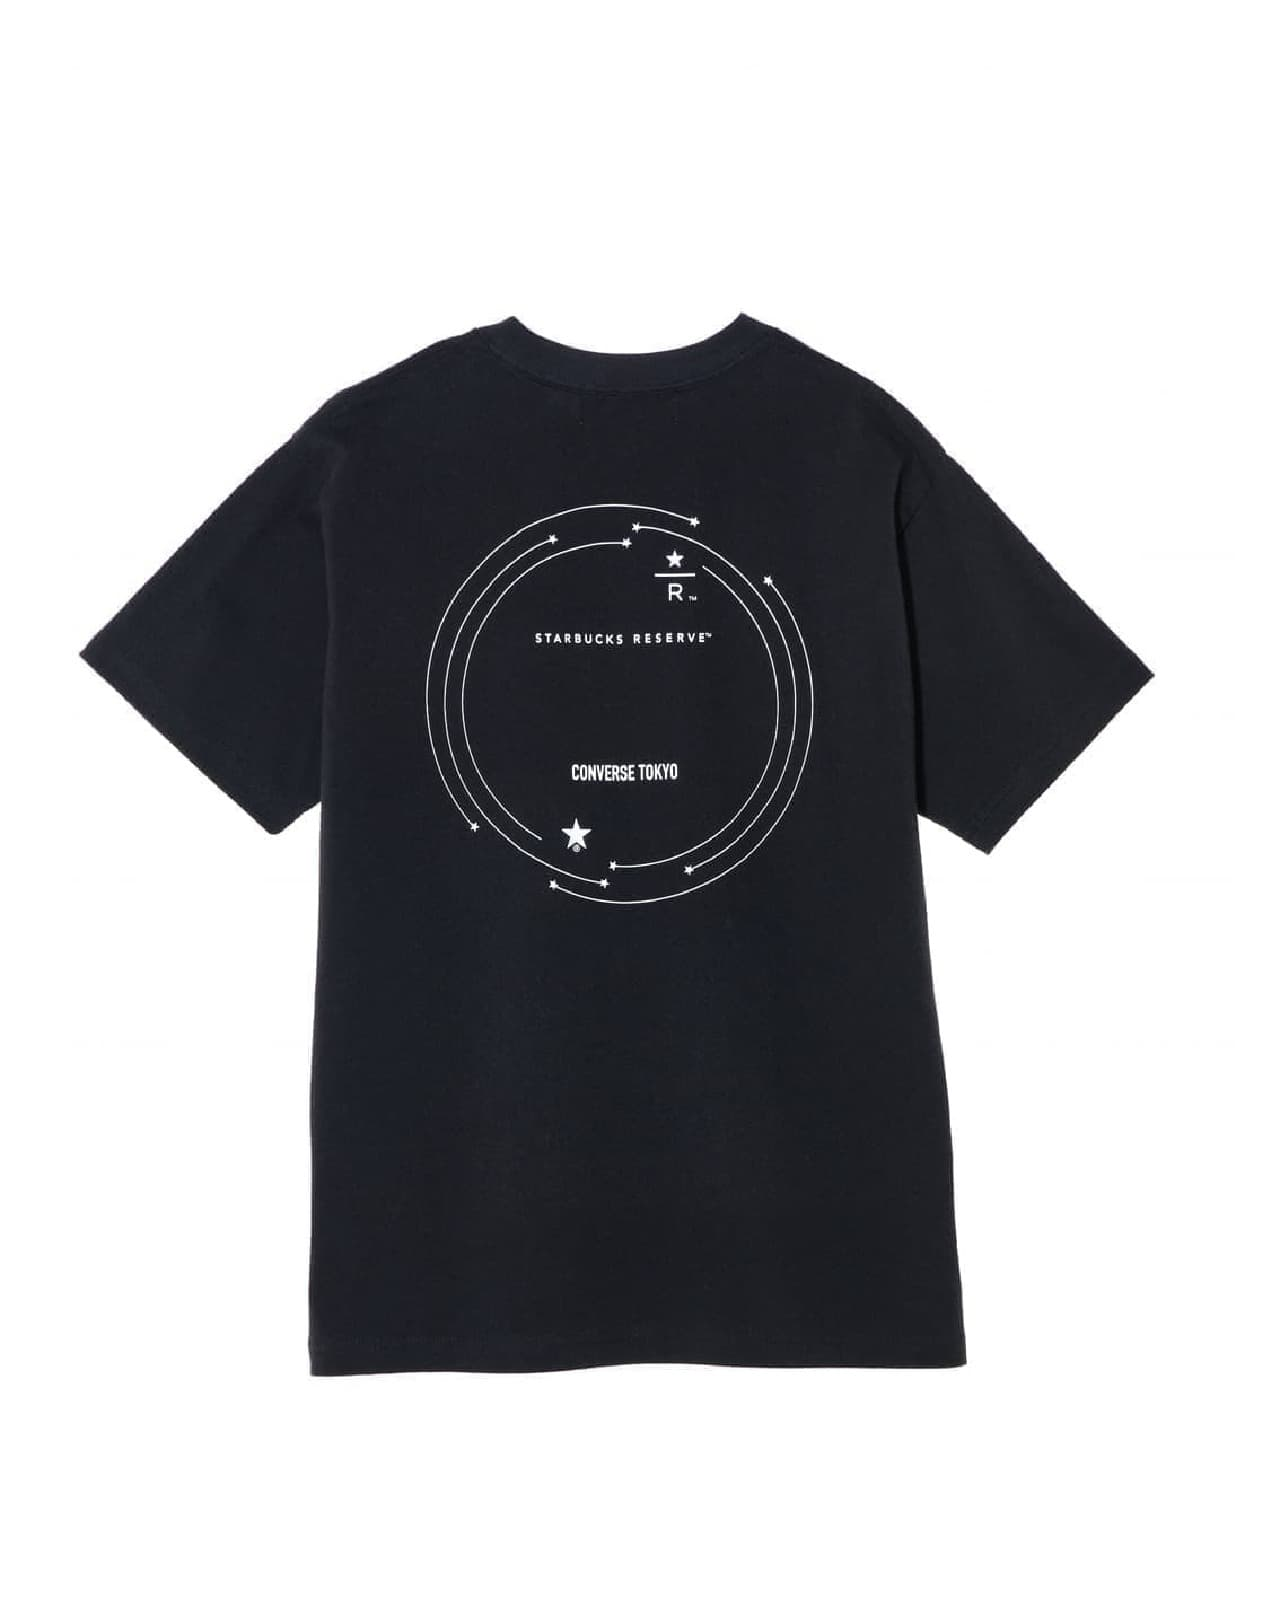 スターバックス リザーブ ロースタリー 東京×CONVERSE TOKYOコラボ!夏の夜空をデザインした7アイテム